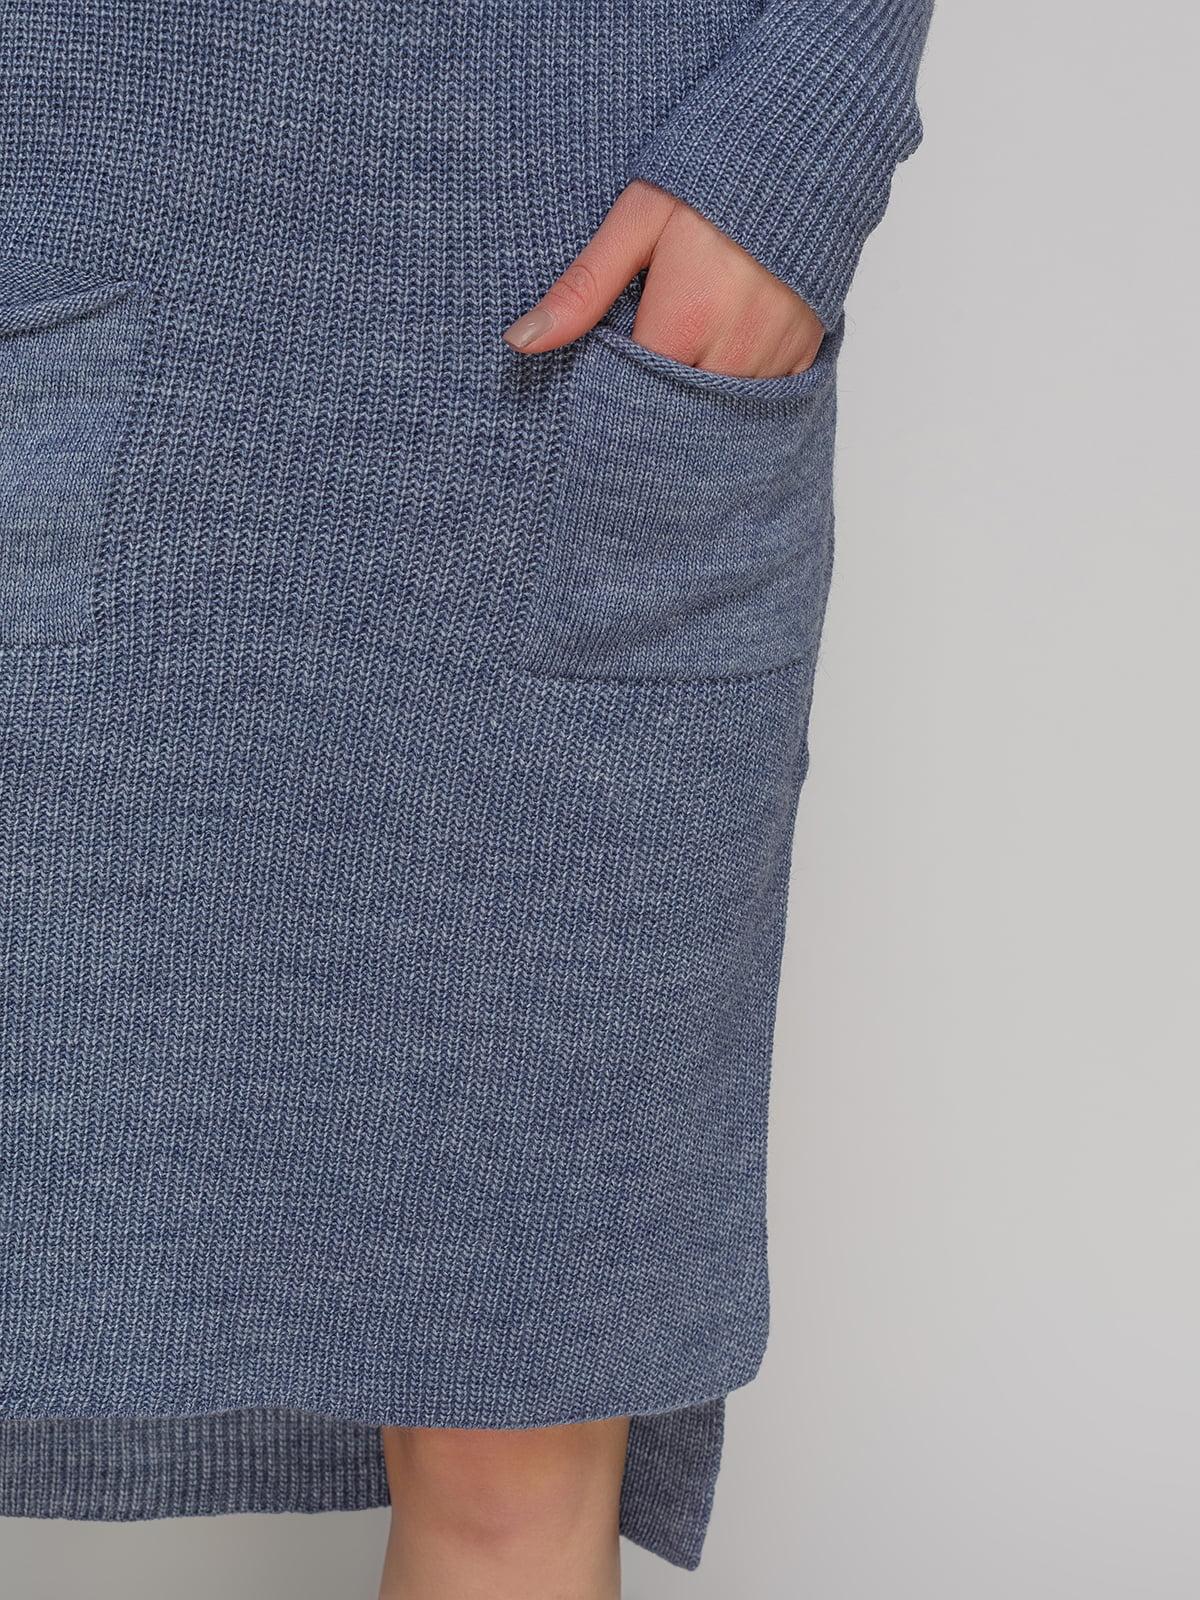 Сукня синя   4654295   фото 3